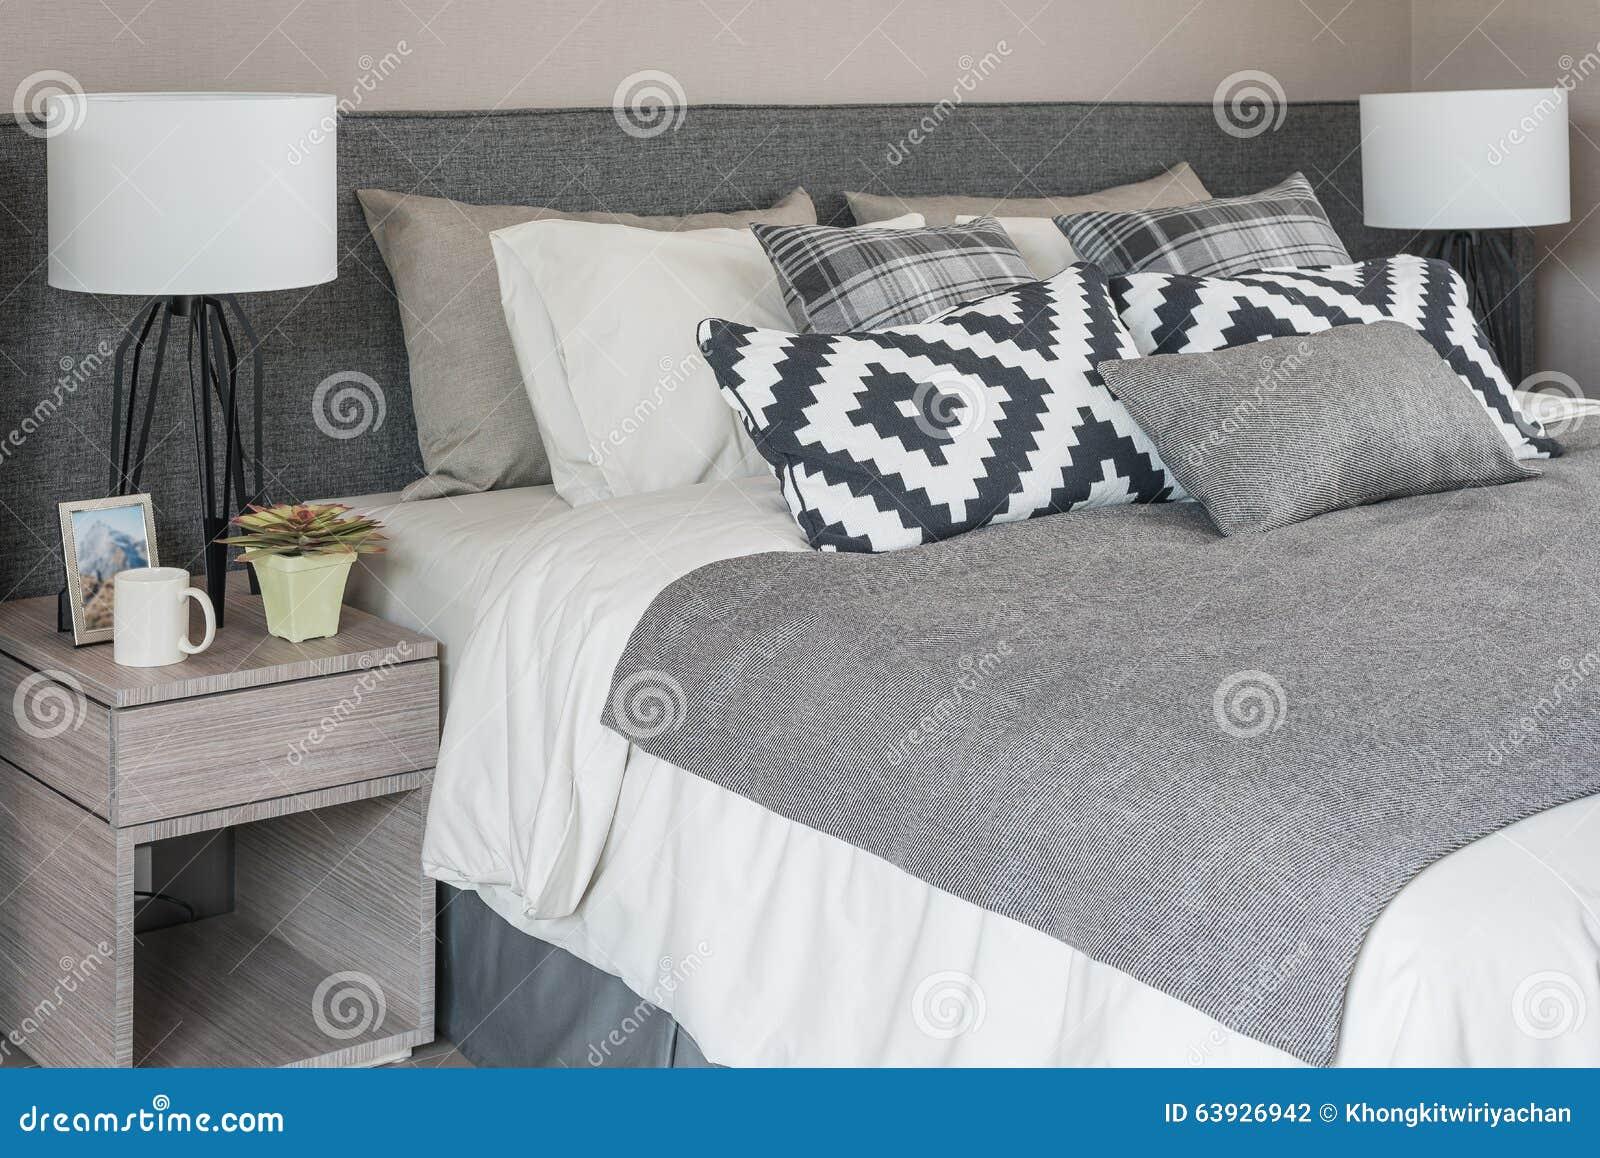 Letto moderno grigio con i cuscini in bianco e nero fotografia stock immagine di appartamento - Spalliera letto con cuscini ...